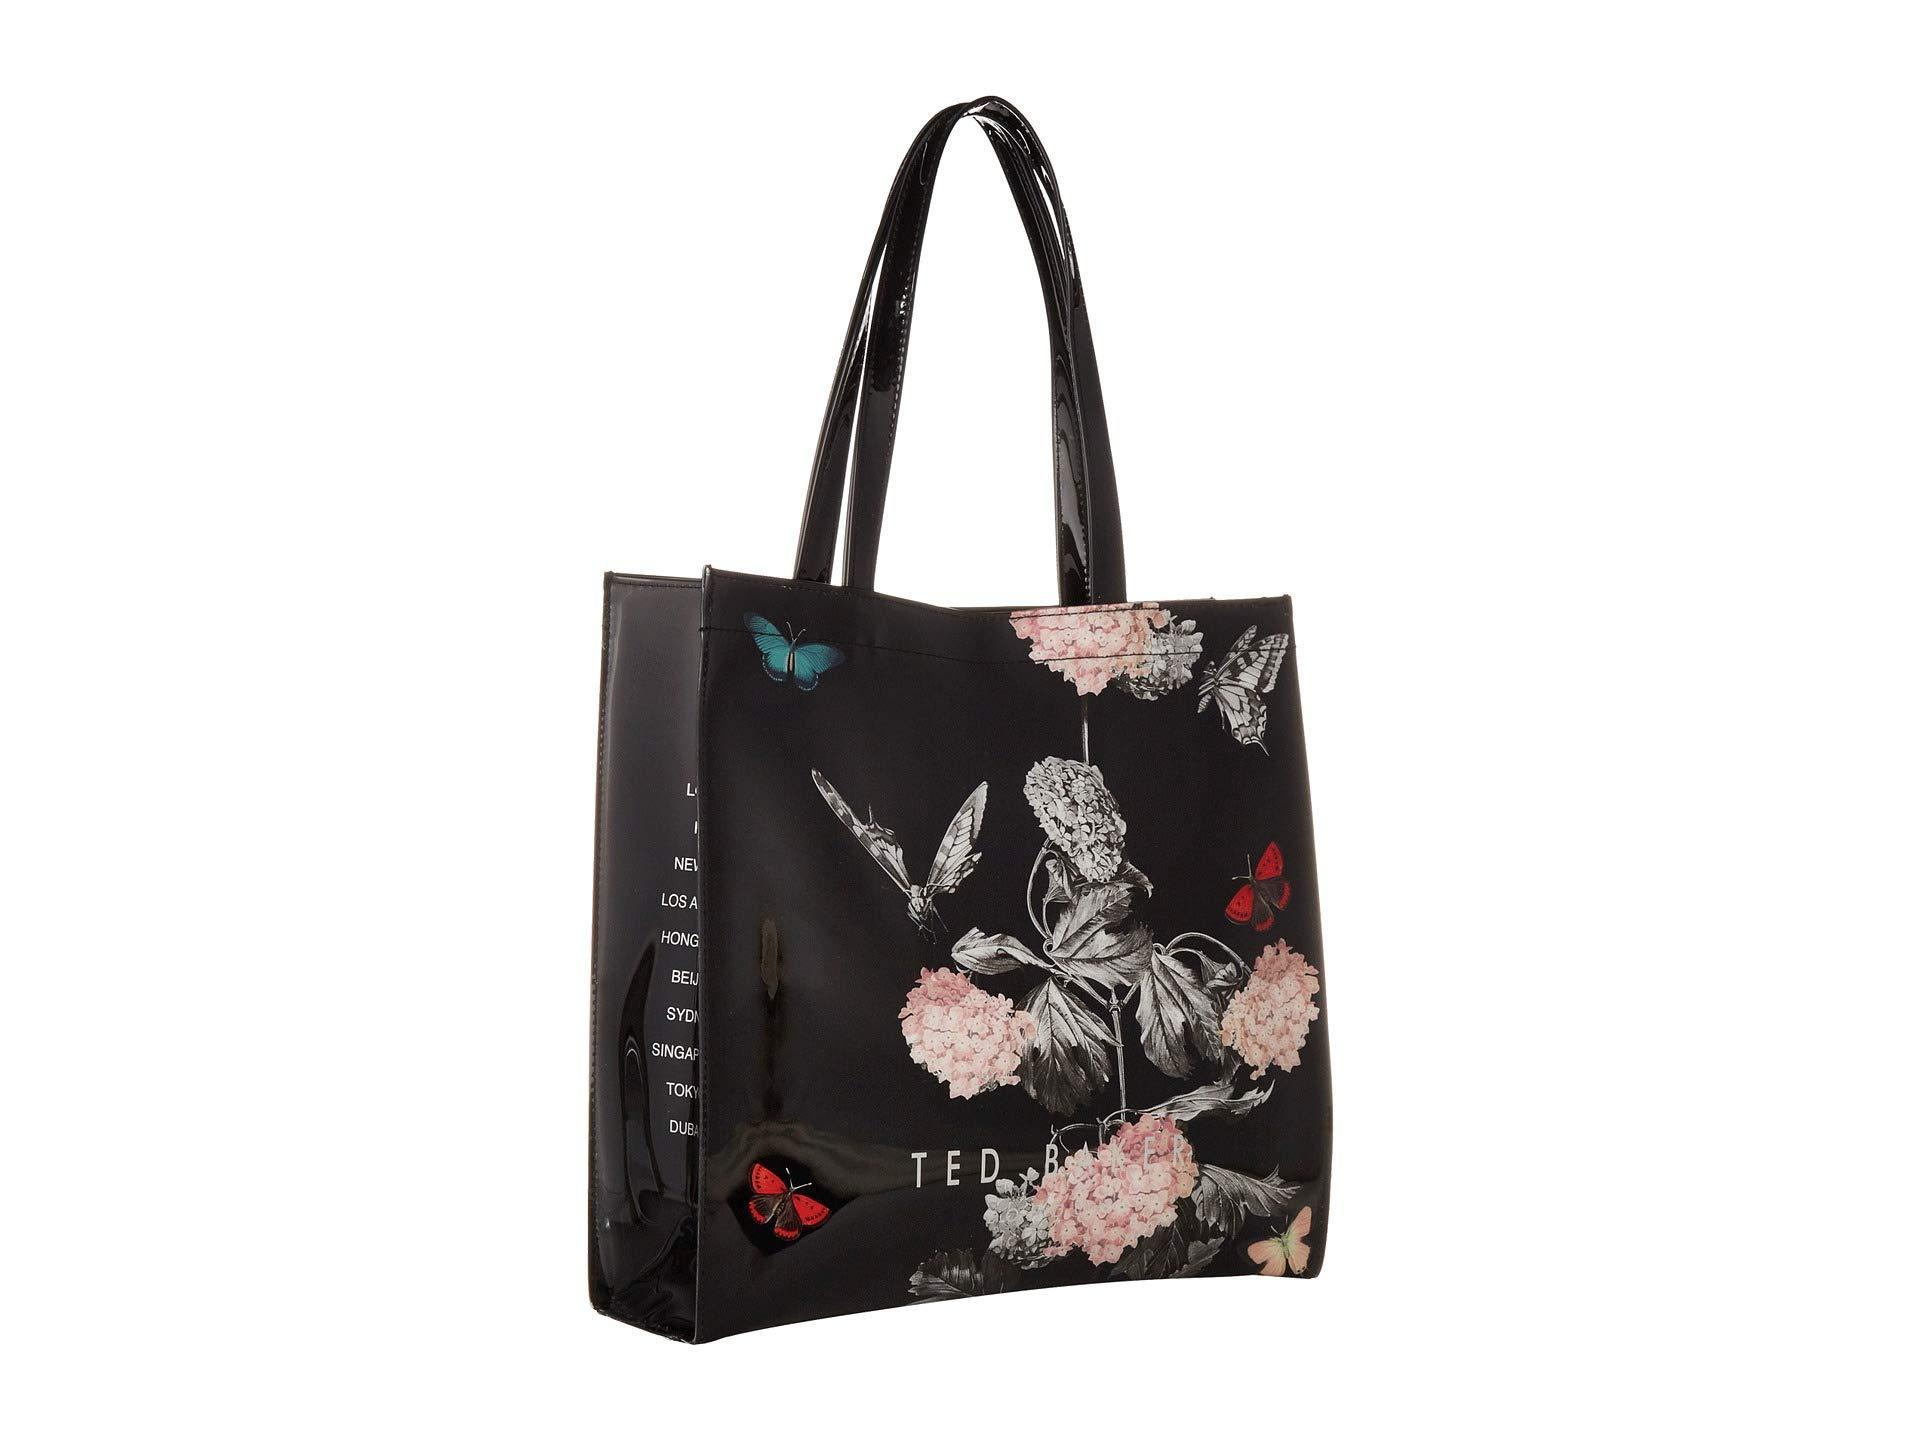 7aa3595fc82cb Lyst - Ted Baker Natacon (black) Handbags in Black